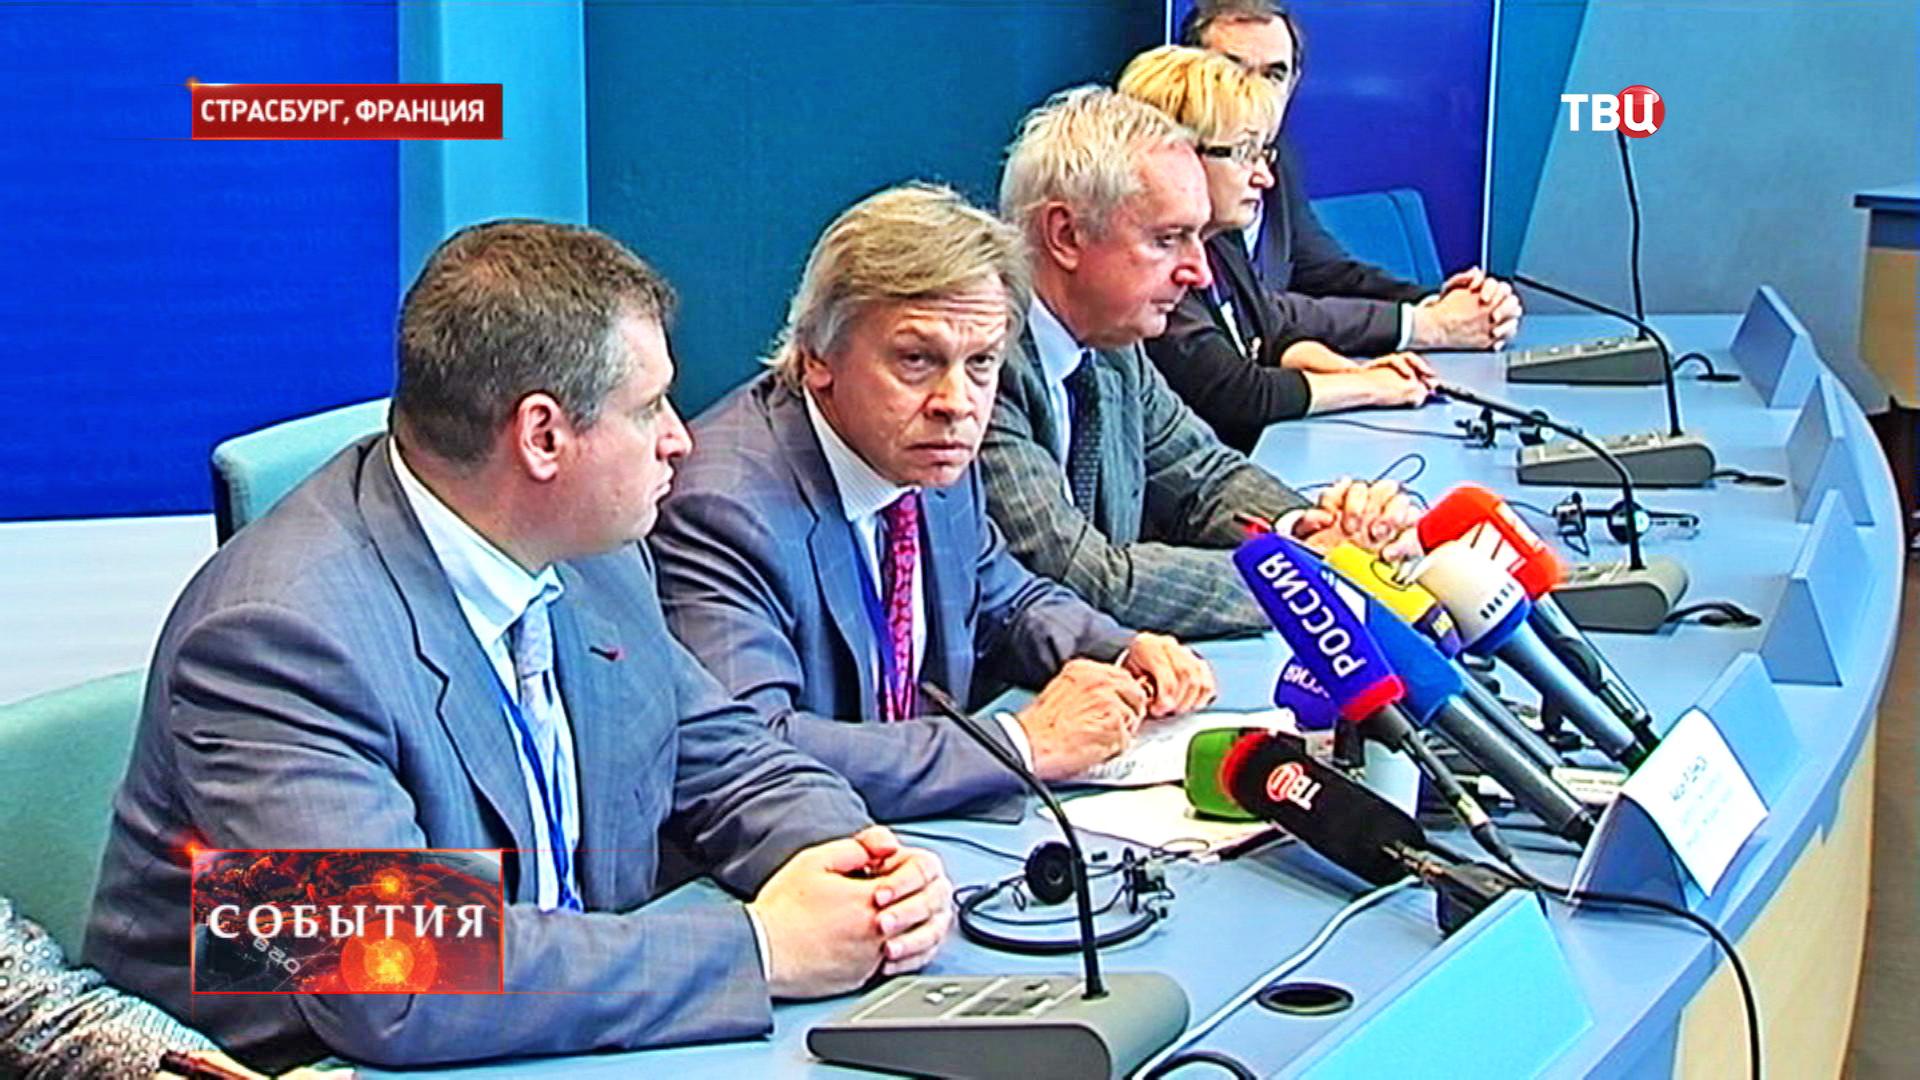 Представители российской делегации в ПАСЕ